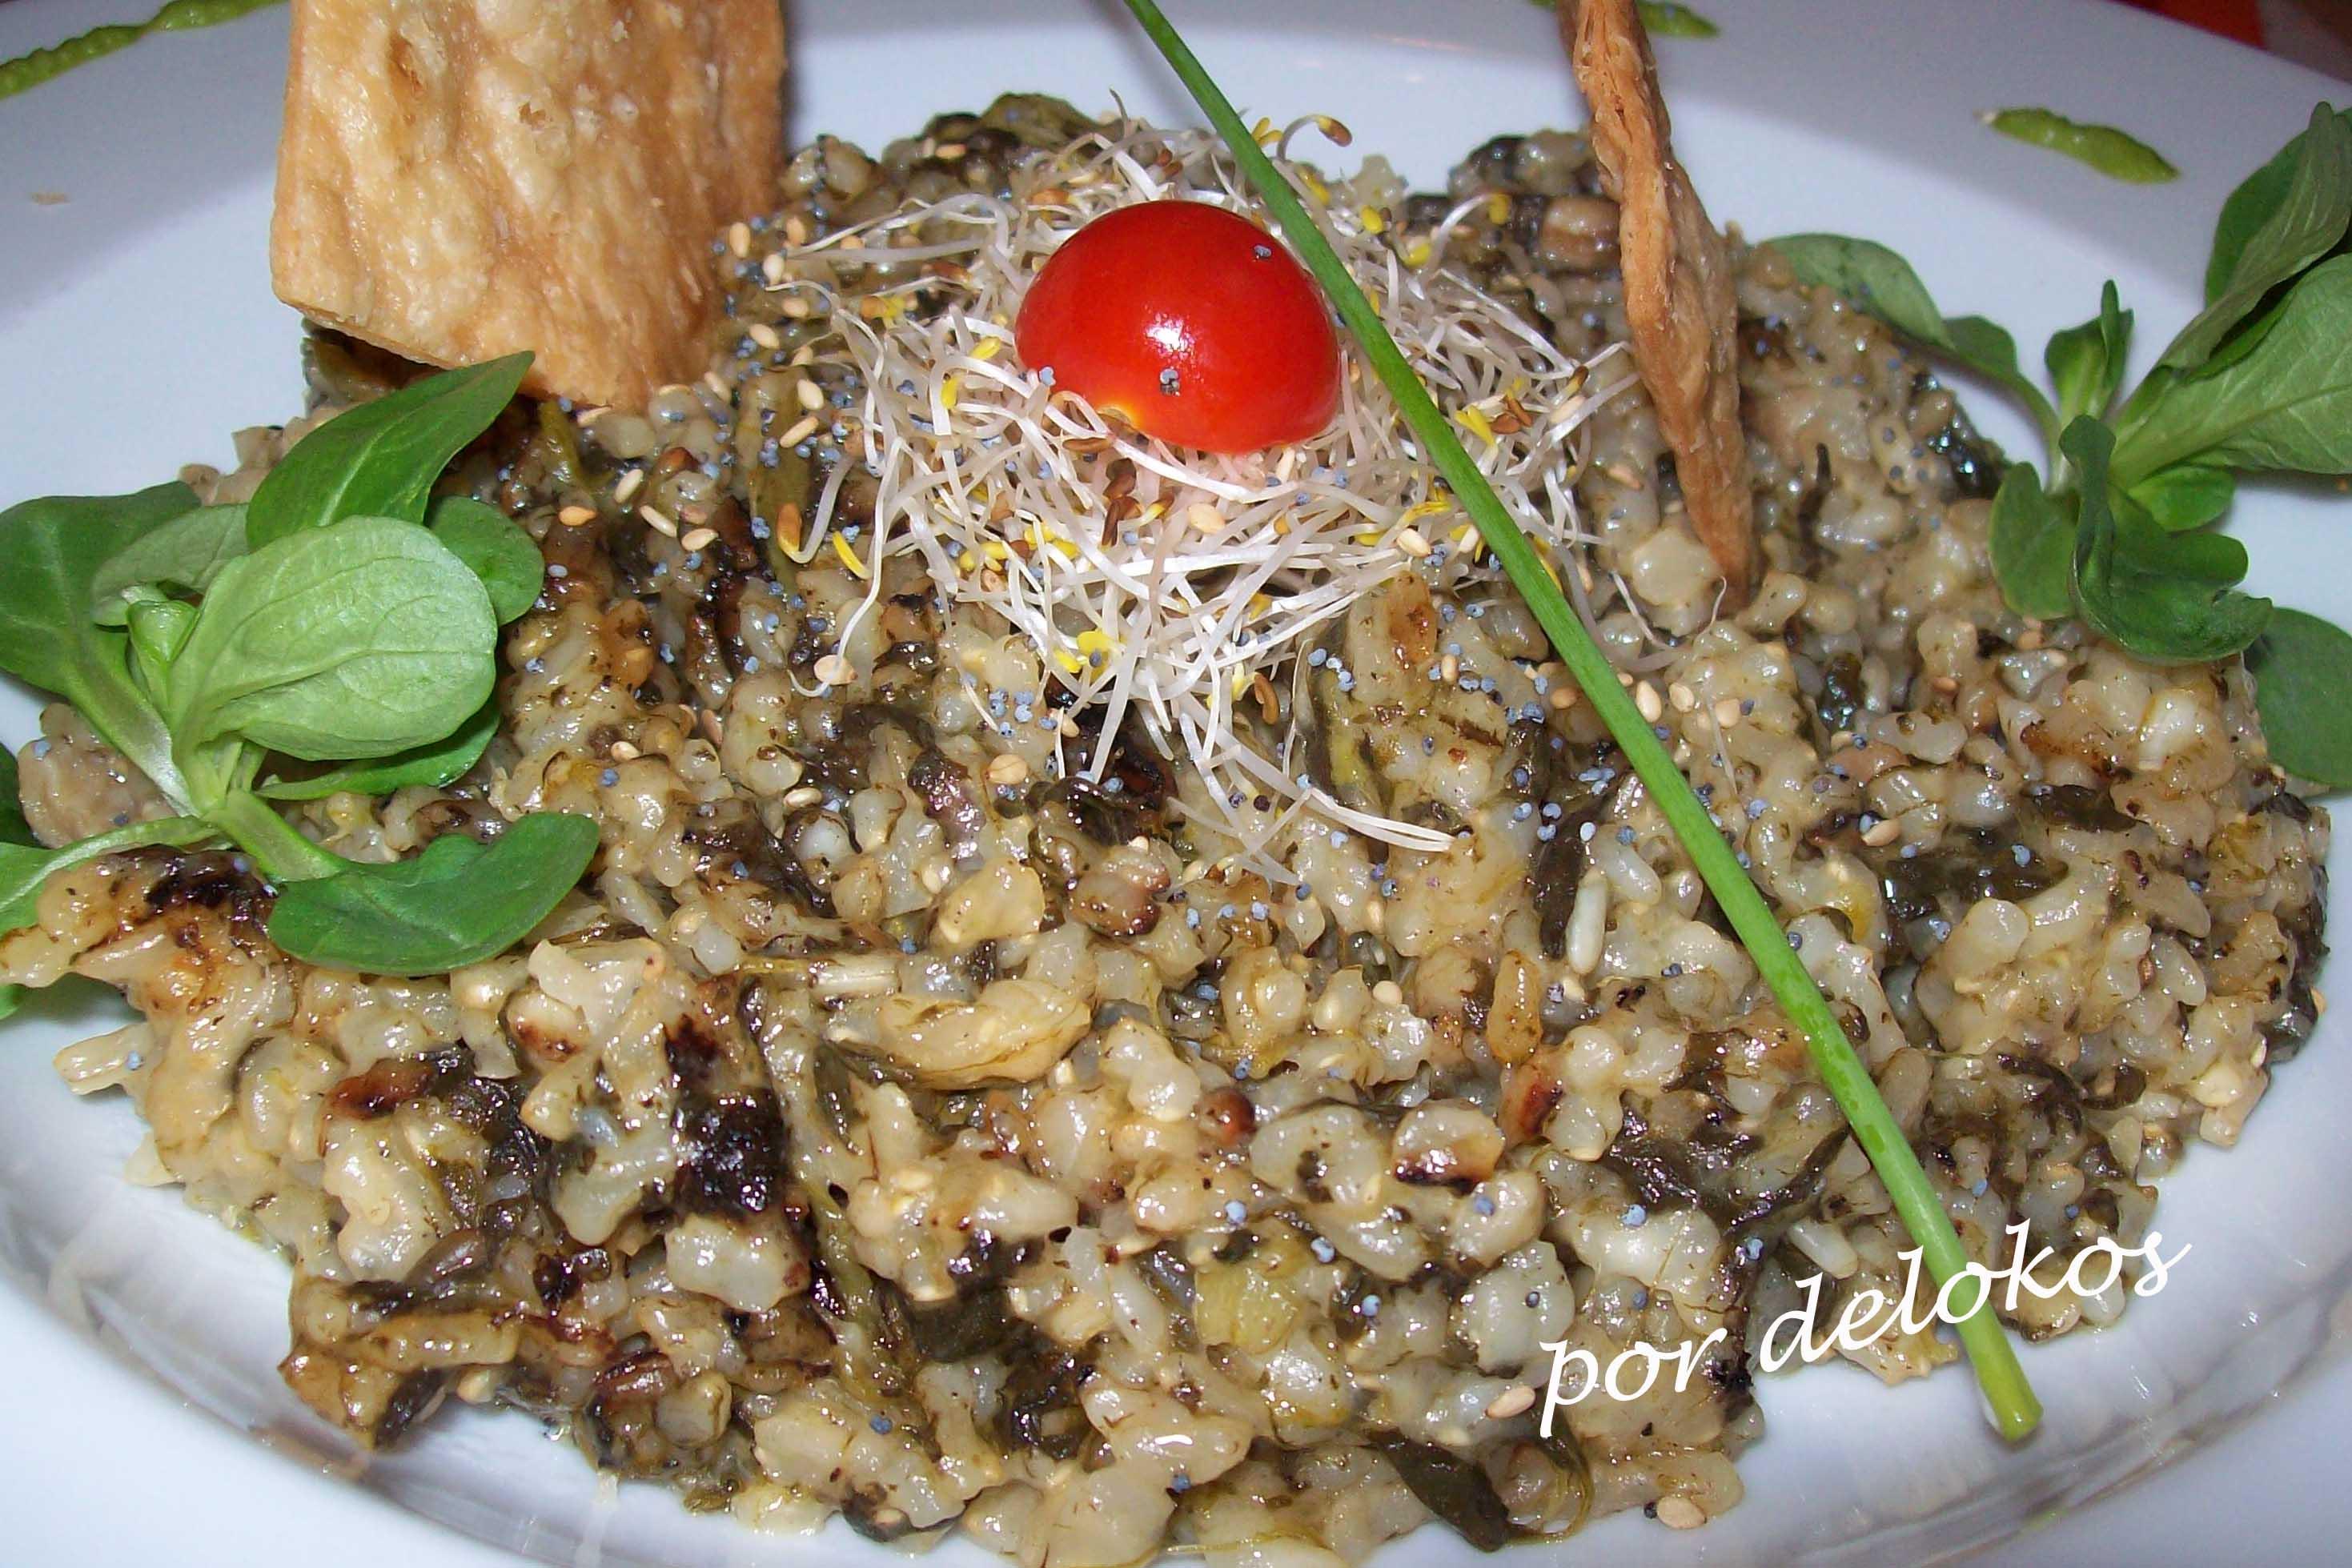 Restaurante vegetariano yerbabuena madrid delokos - Risotto arroz integral ...